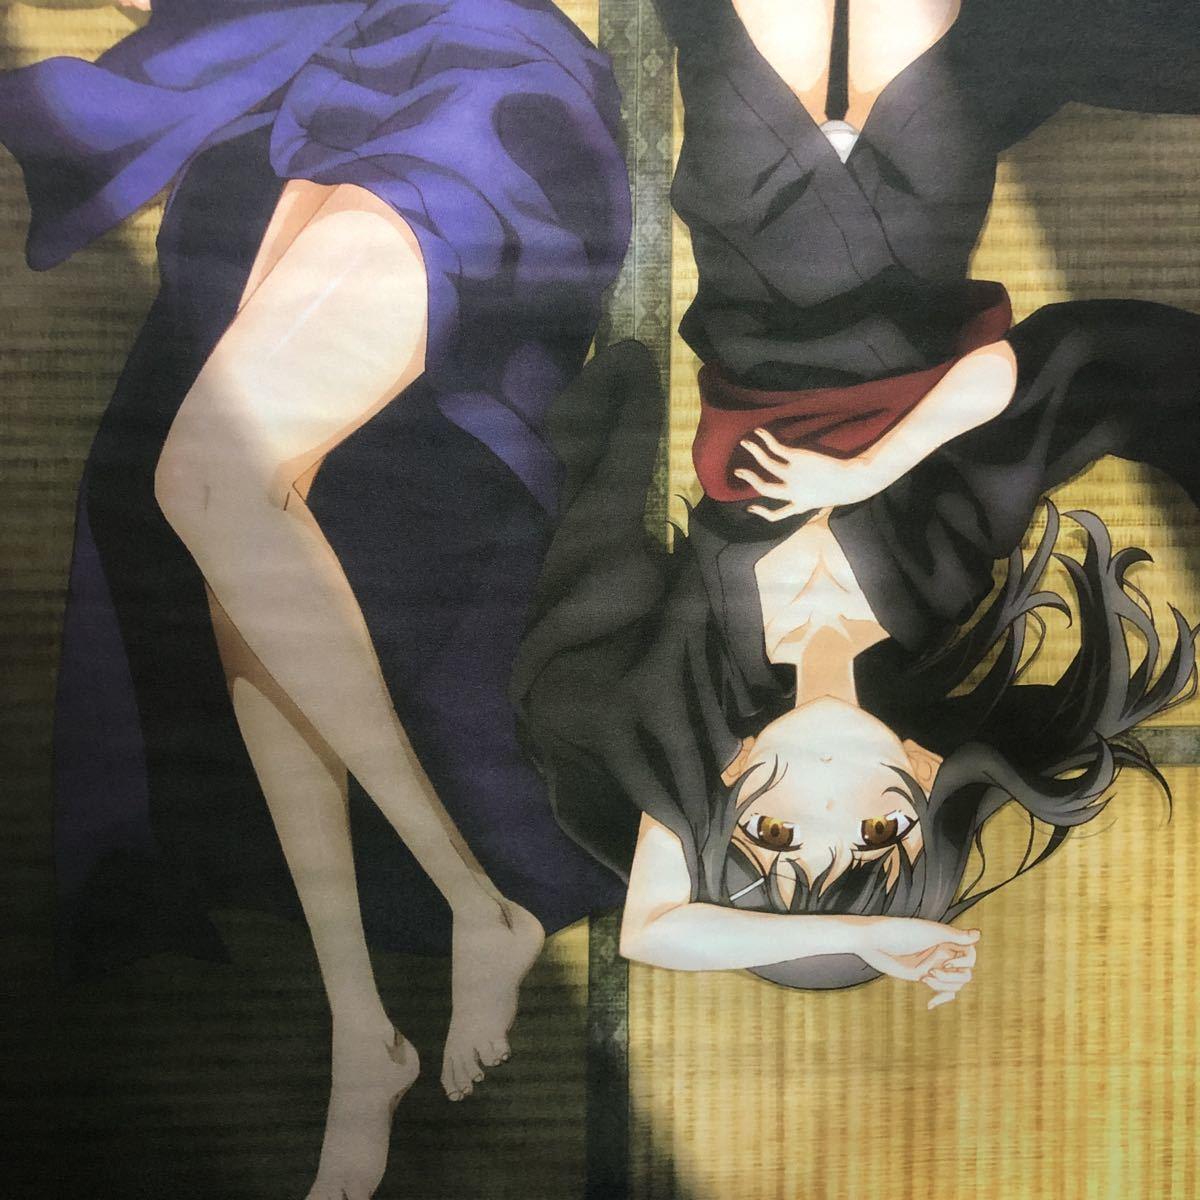 劇場版 Fate/kaleid liner プリズマ☆イリヤ 雪下の誓い 美遊&桜 B2タペストリー 非売品